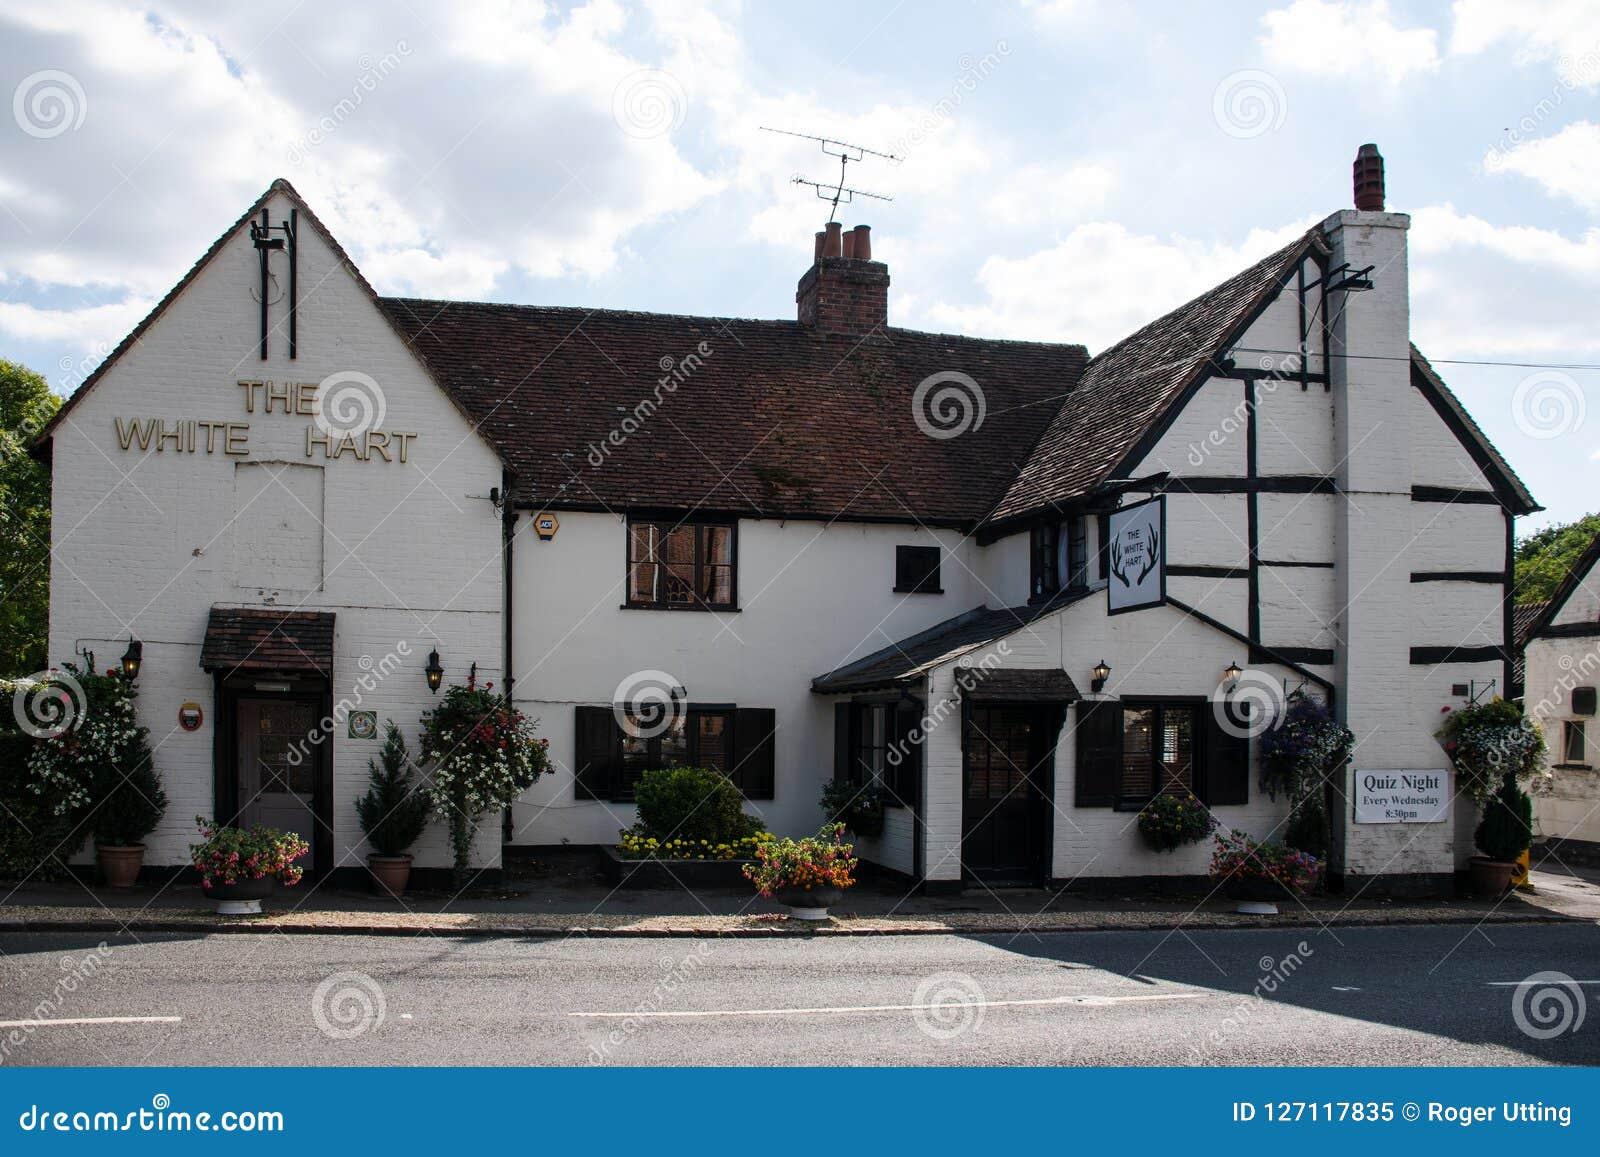 Wit Hart Pub